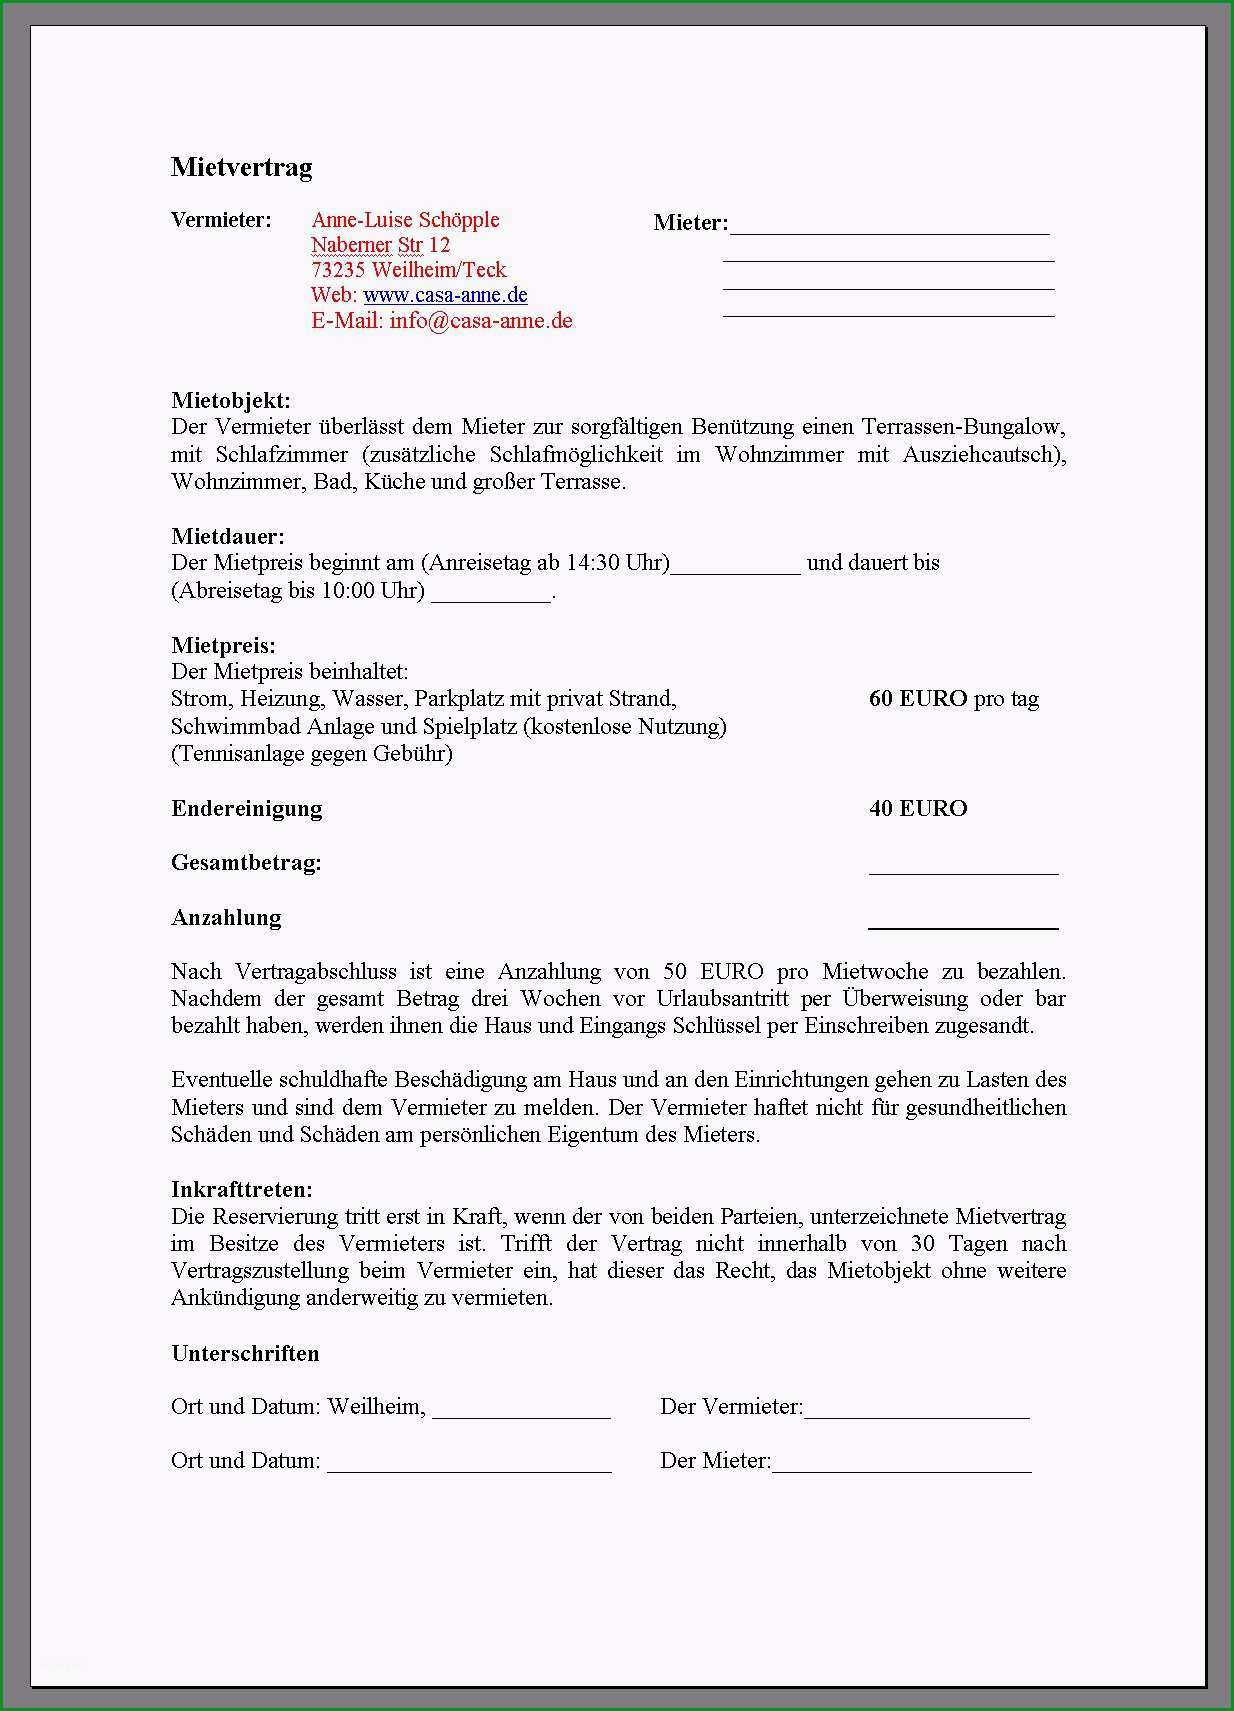 vorlage kundigung mietvertrag 2